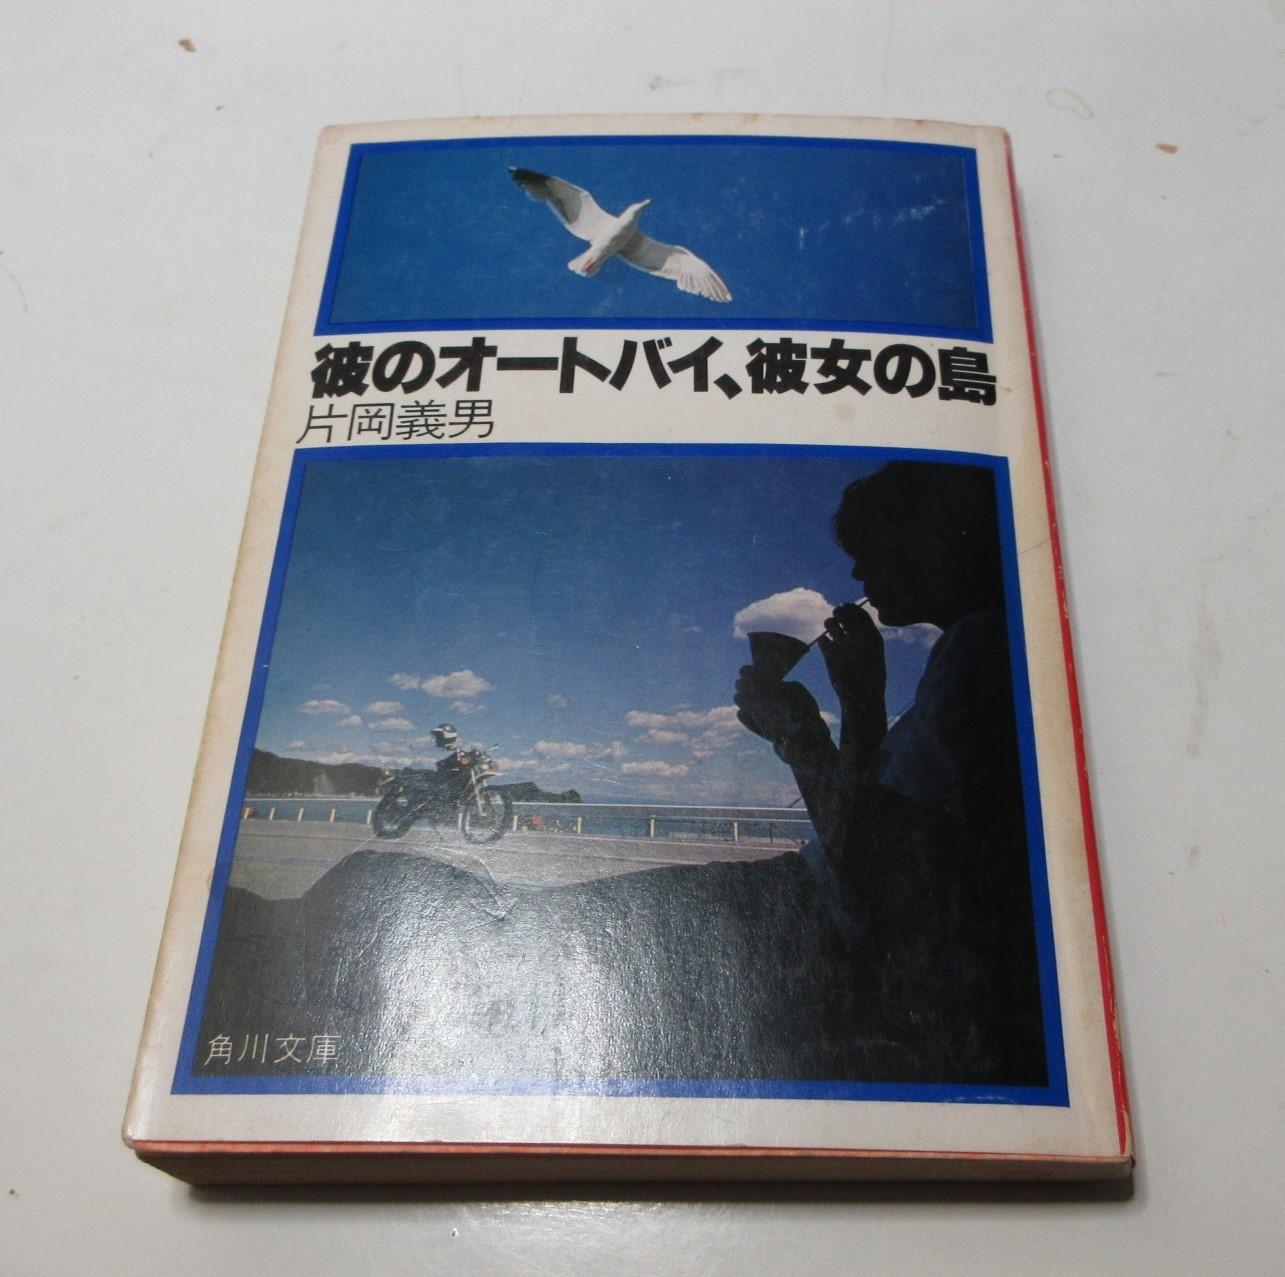 片岡義男著「彼のオートバイ、彼女の島」を読み終える。本の中になんと・・・。_c0405911_16425425.jpg